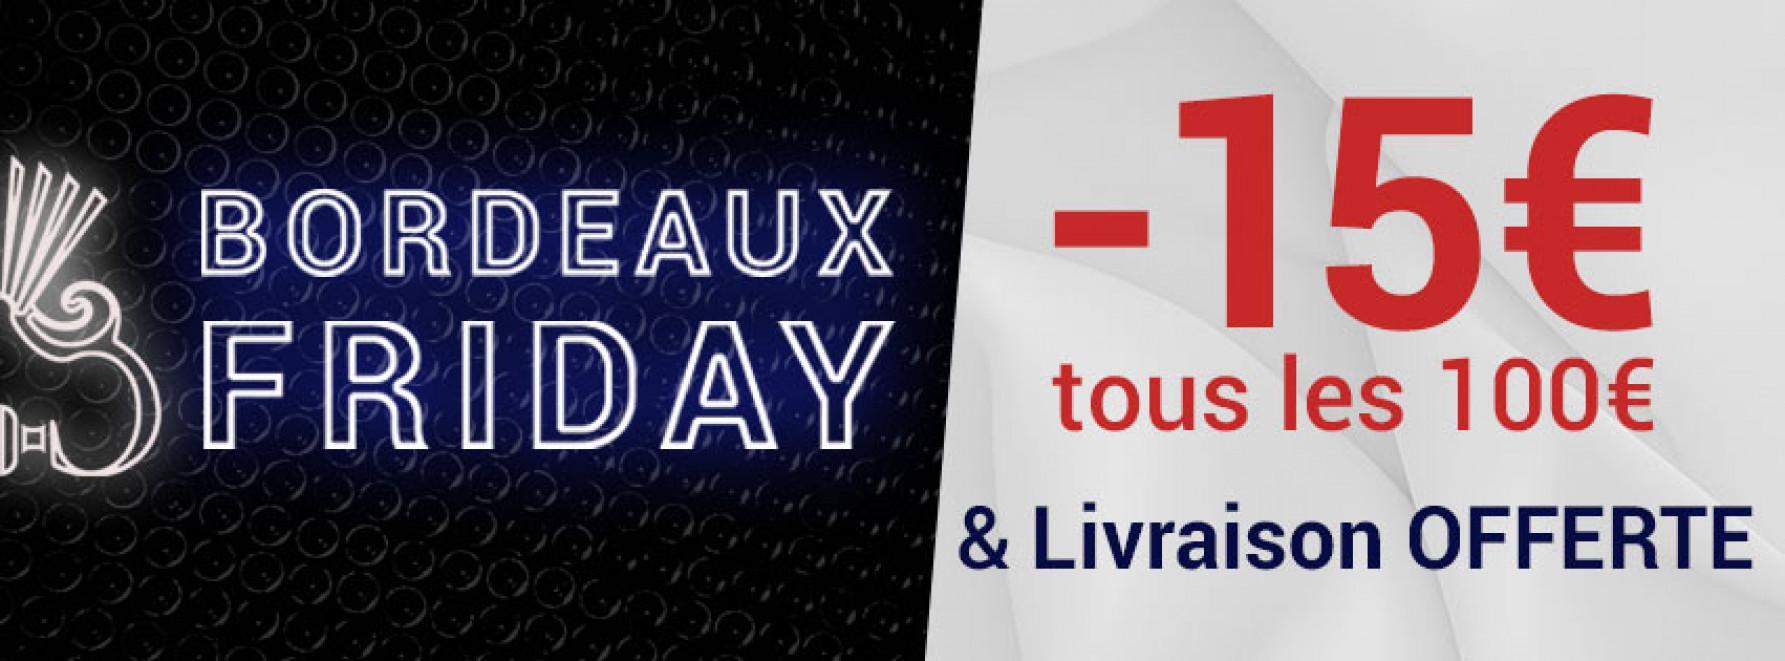 Bordeaux Friday | Jusqu'à -300€ de remise & Livraison offerte